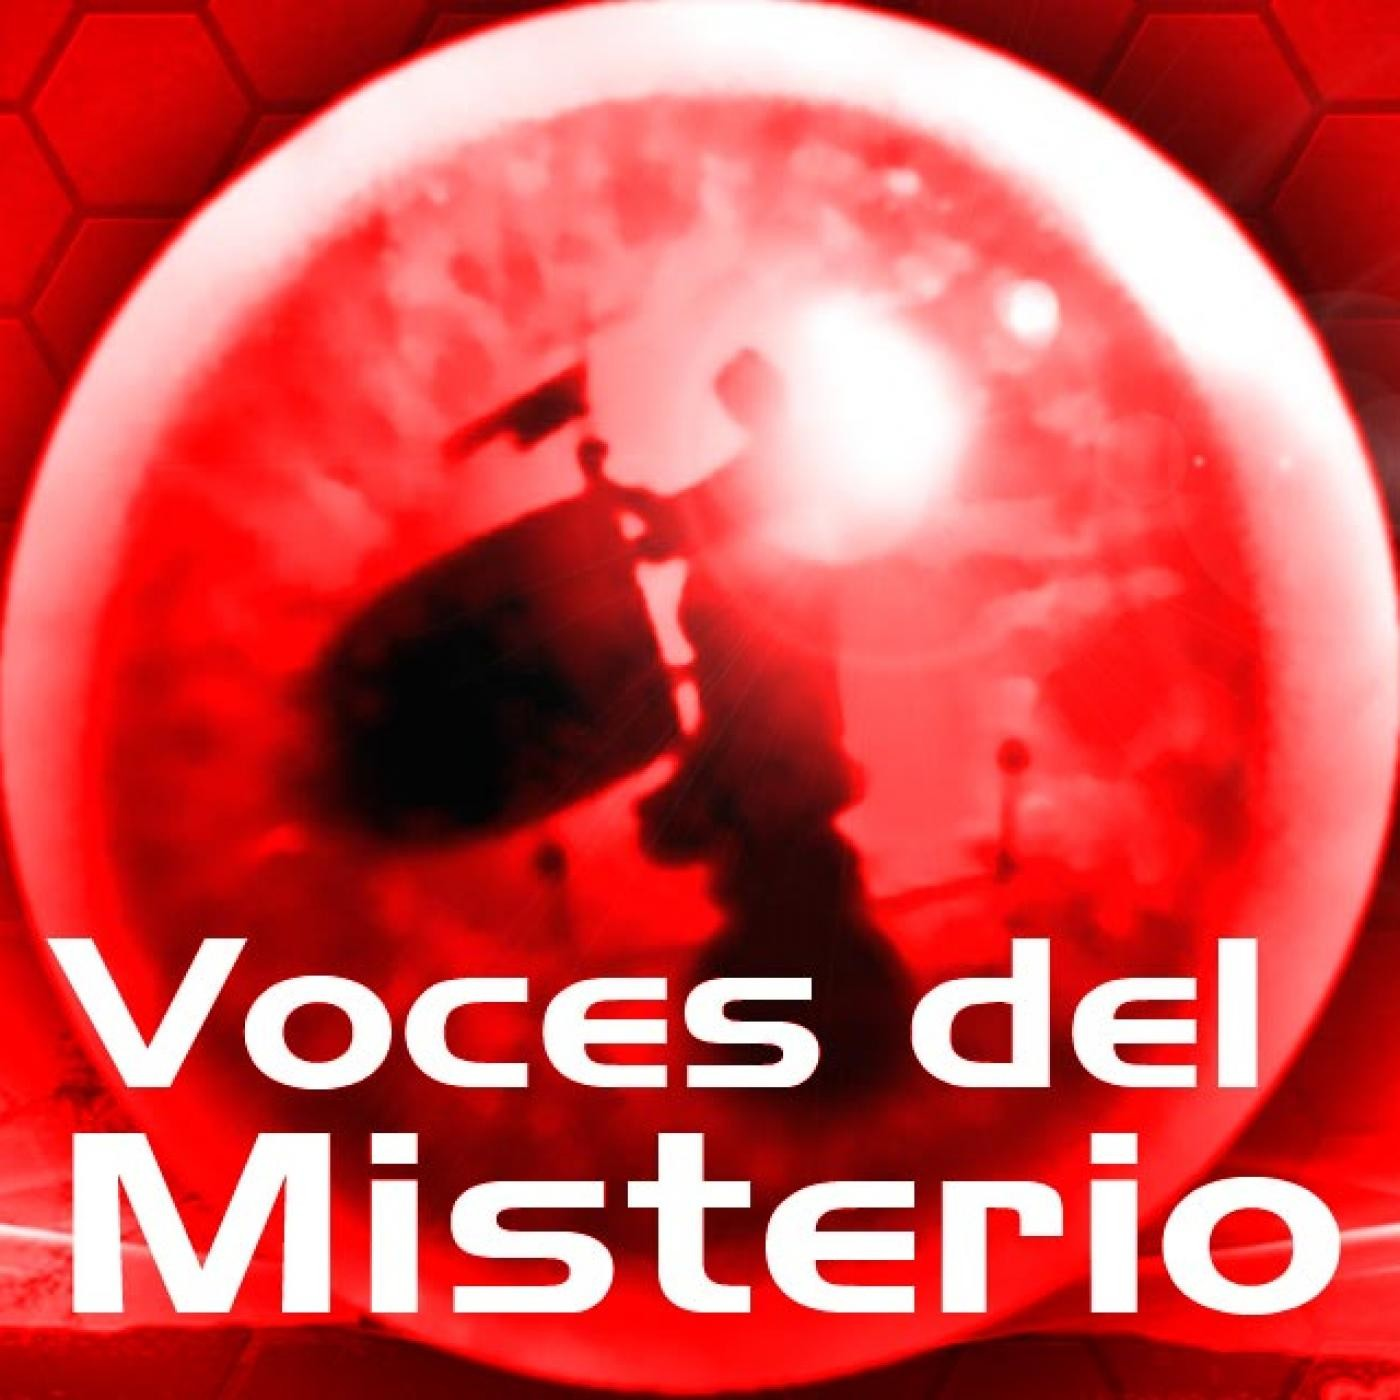 Voces del Misterio LEGENDARIOS 021: EL CASO DEL DUENDE DE ZARAGOZA